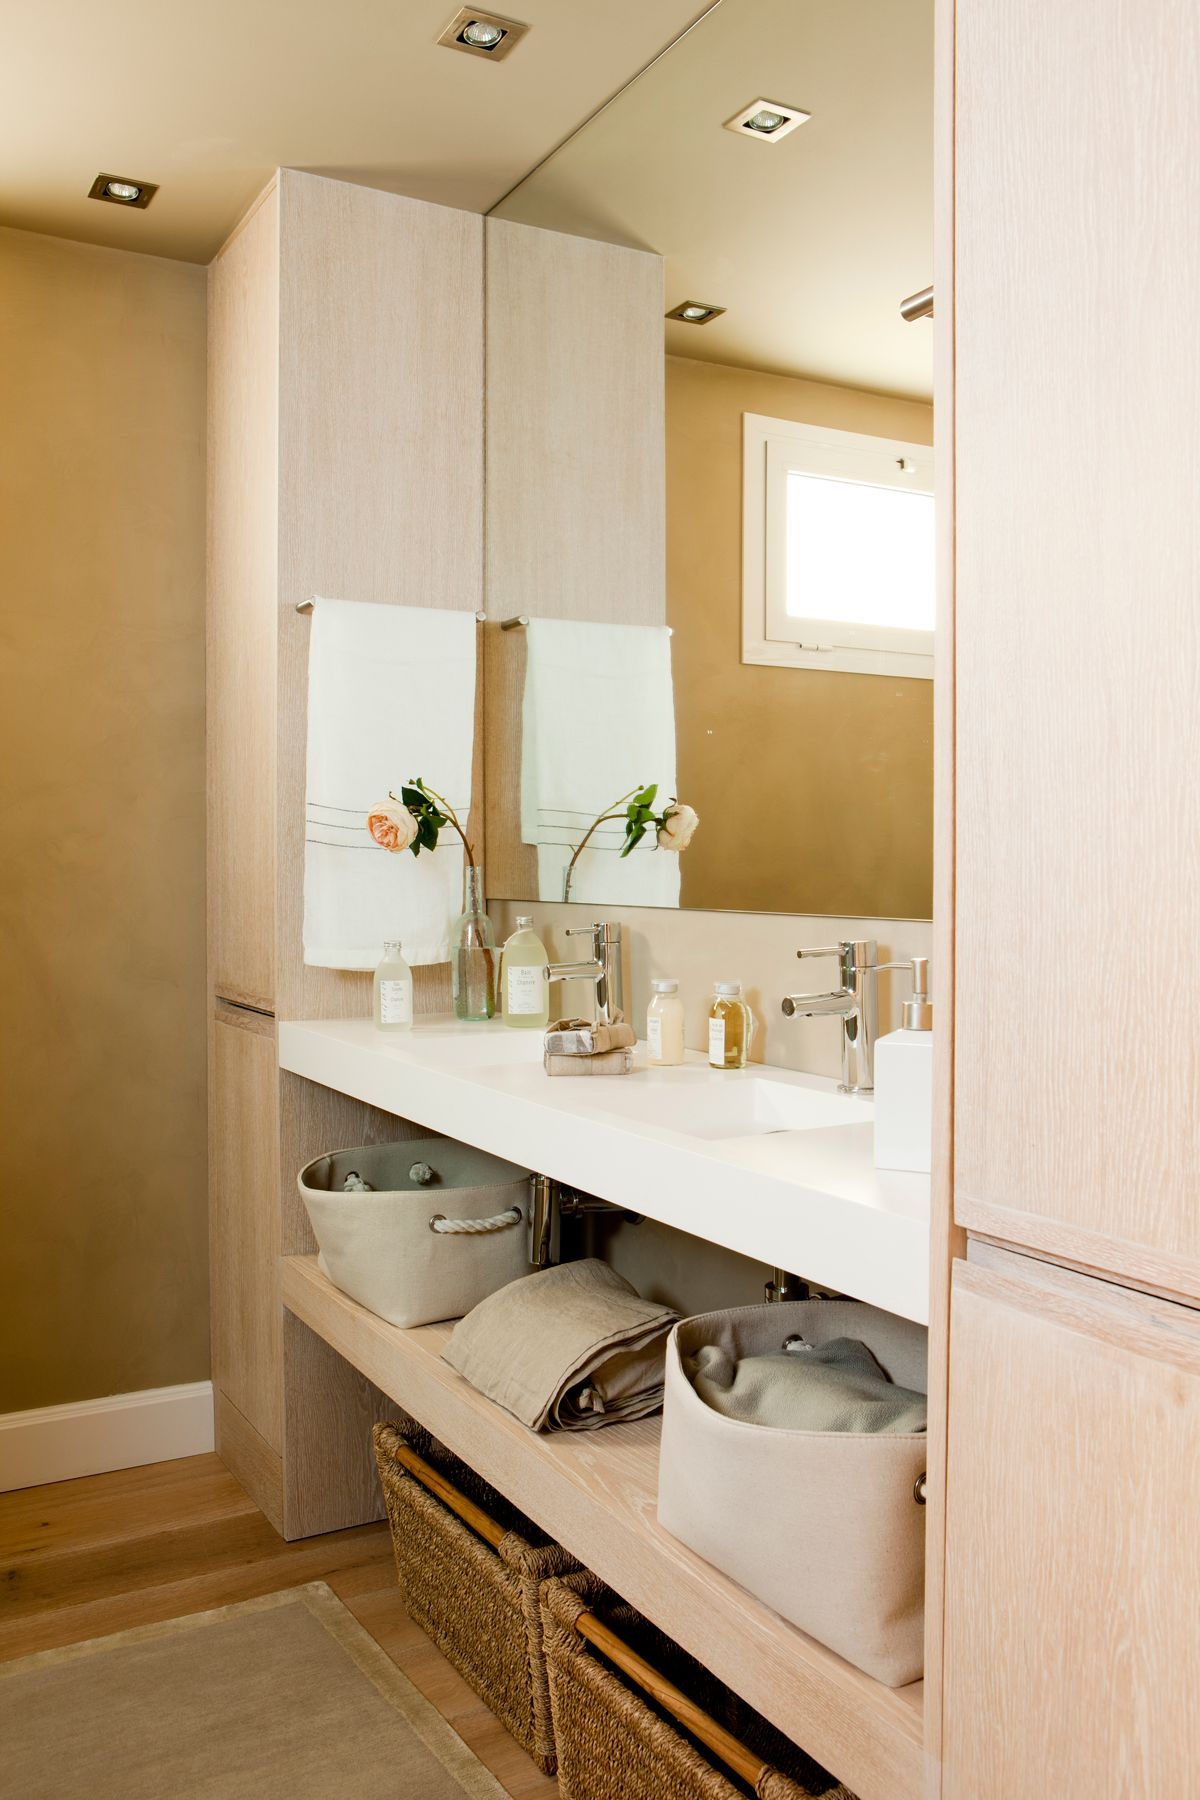 Mueble bajolavabo con caj n abierto de madera blanca y for Mueble auxiliar bano bajo lavabo